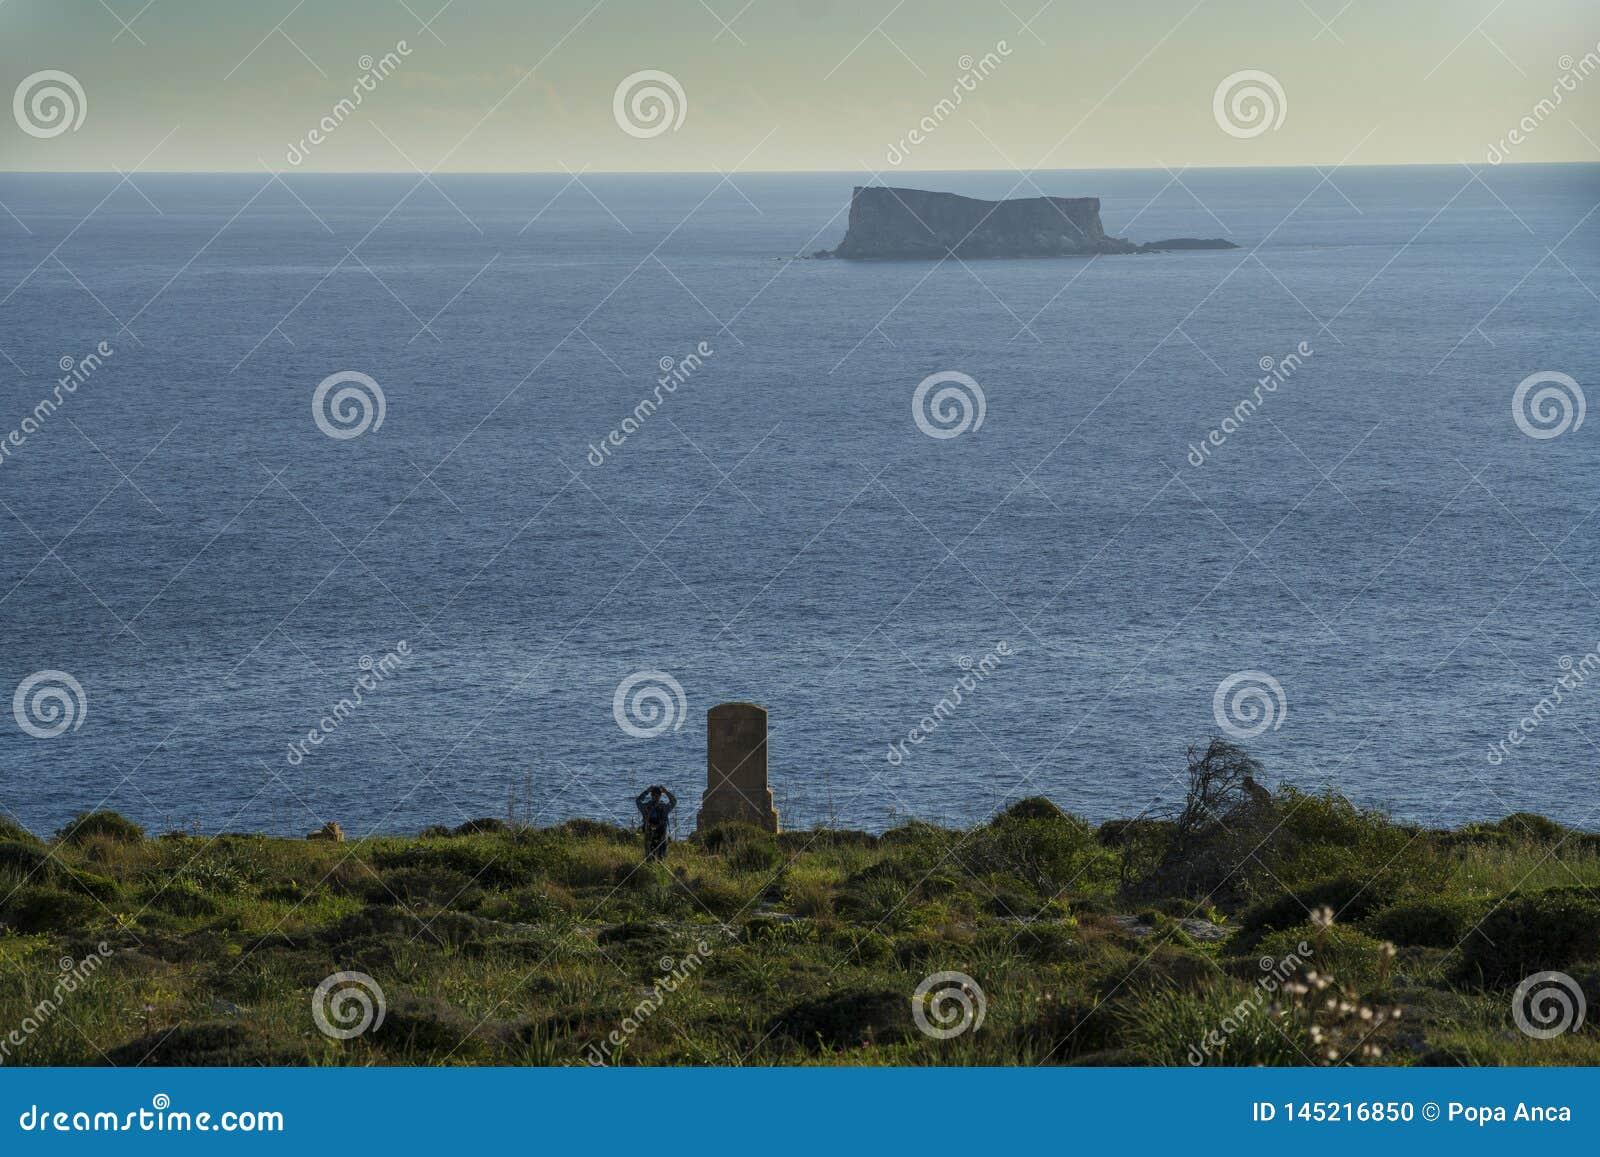 Seascape с небольшим островом и памятником в памяти о господине Вальтер Norr